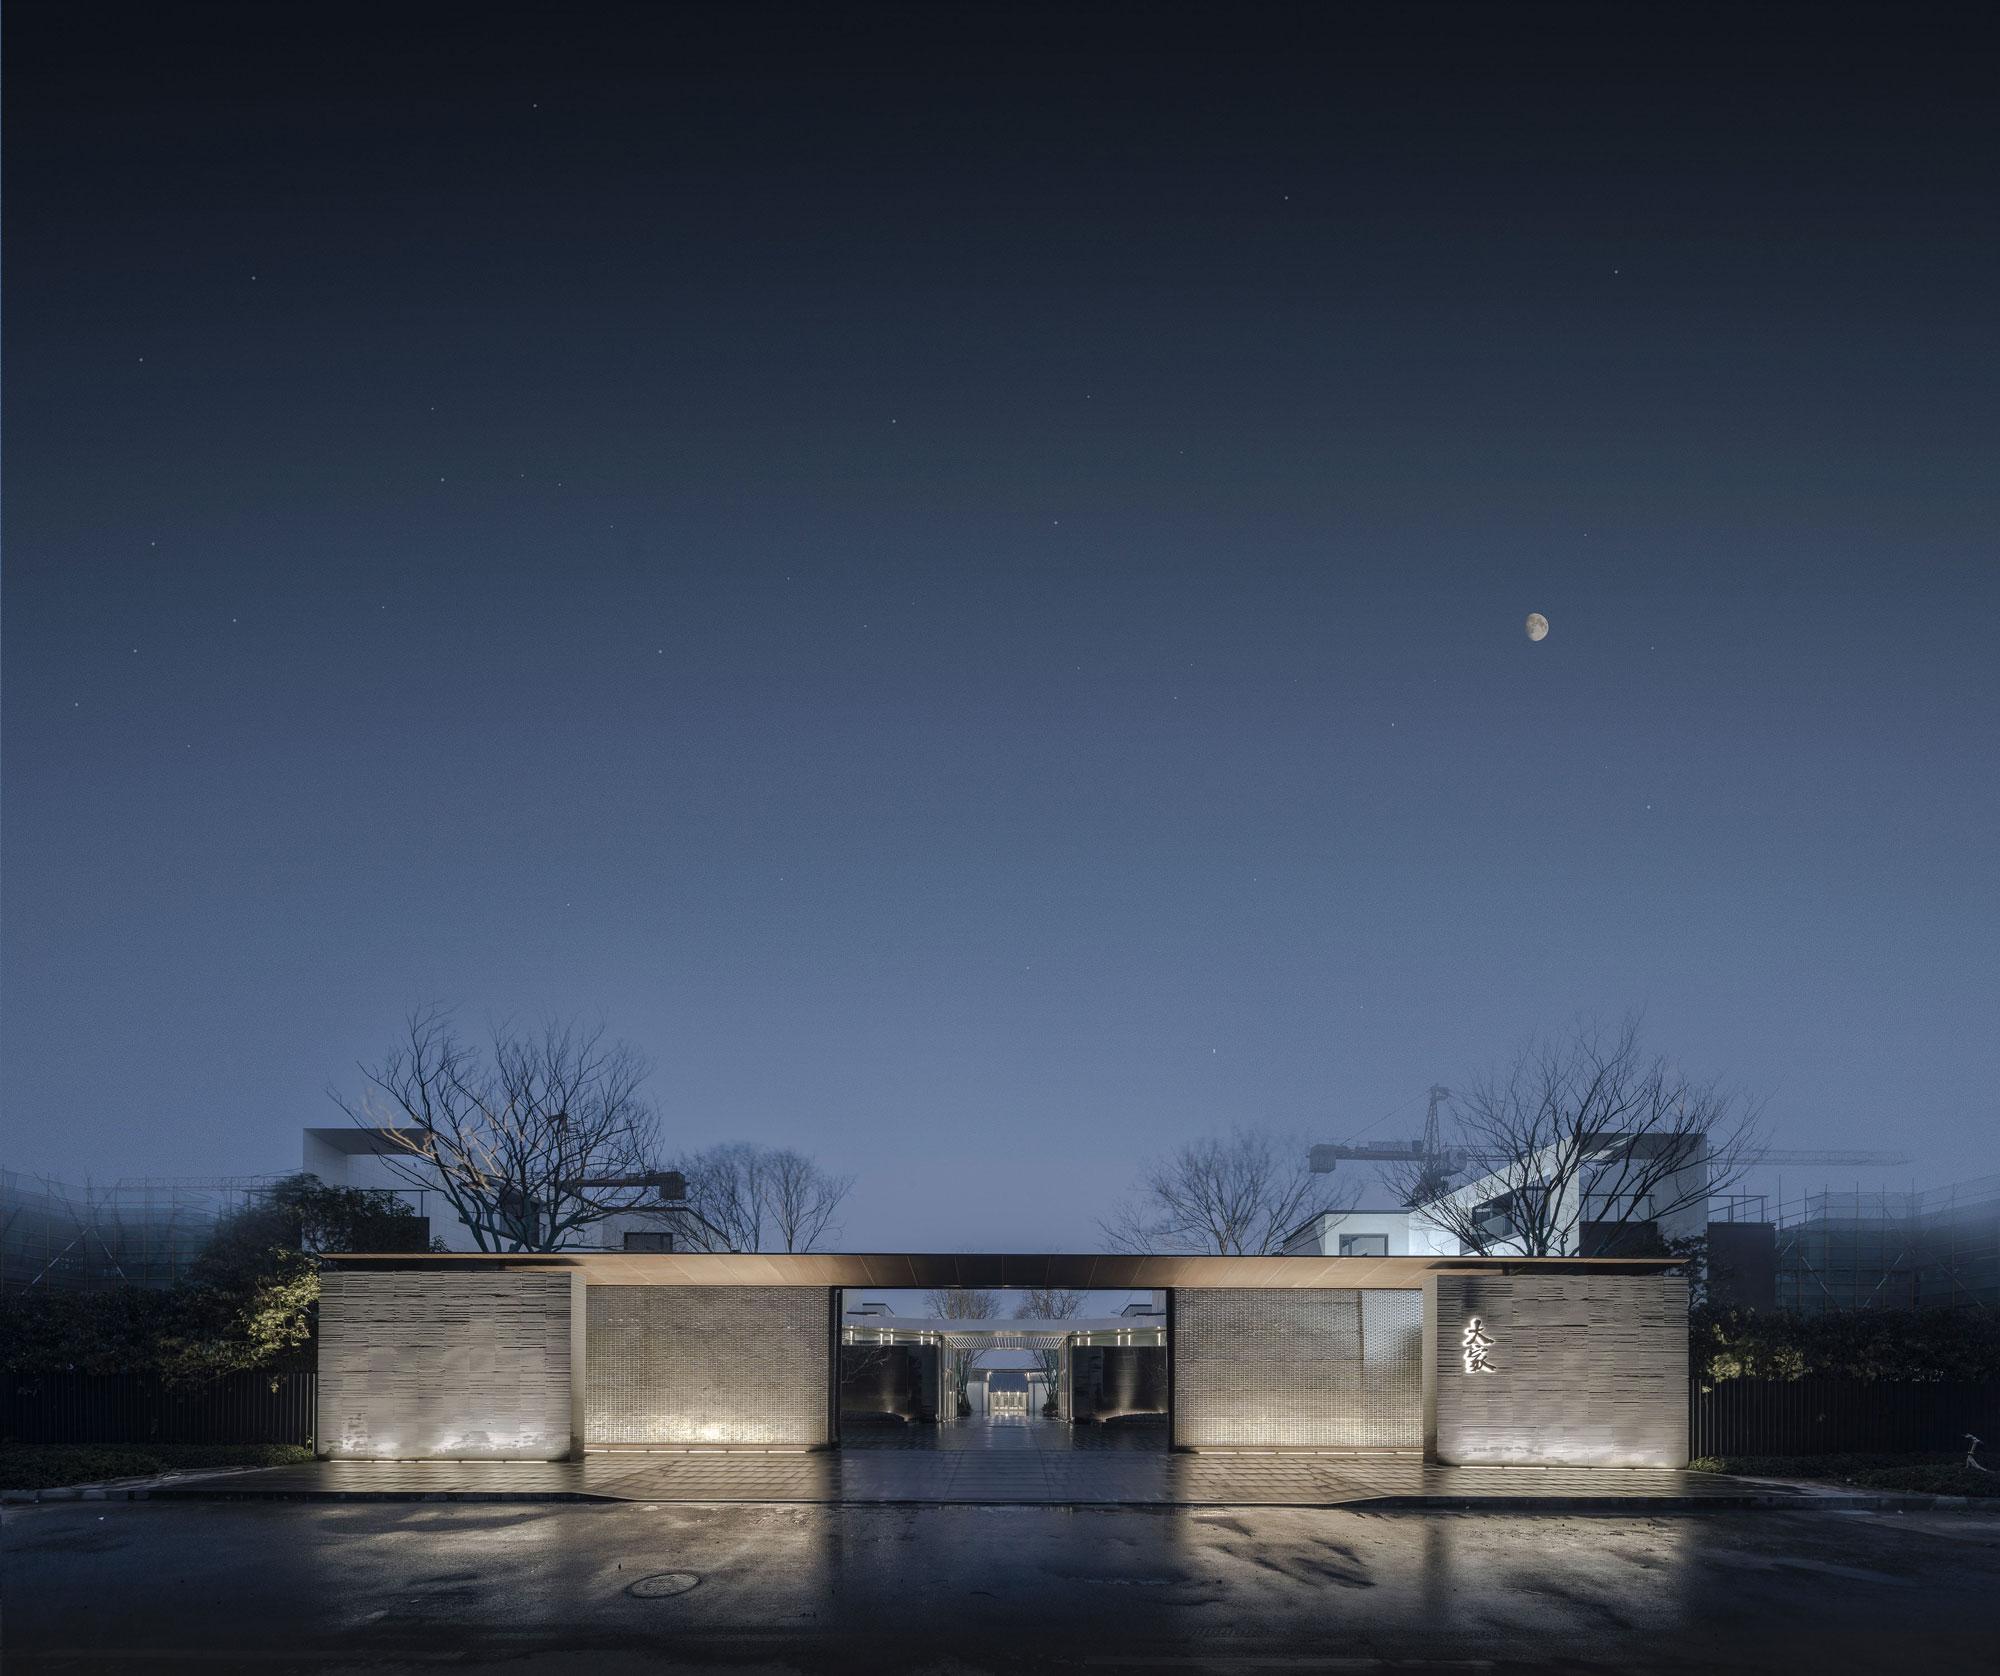 1.初入第一进庭院,仰观屋檐平远,远观庭院深深,此为屋宇高致之境,昼夜之间,光影拂舞.jpg